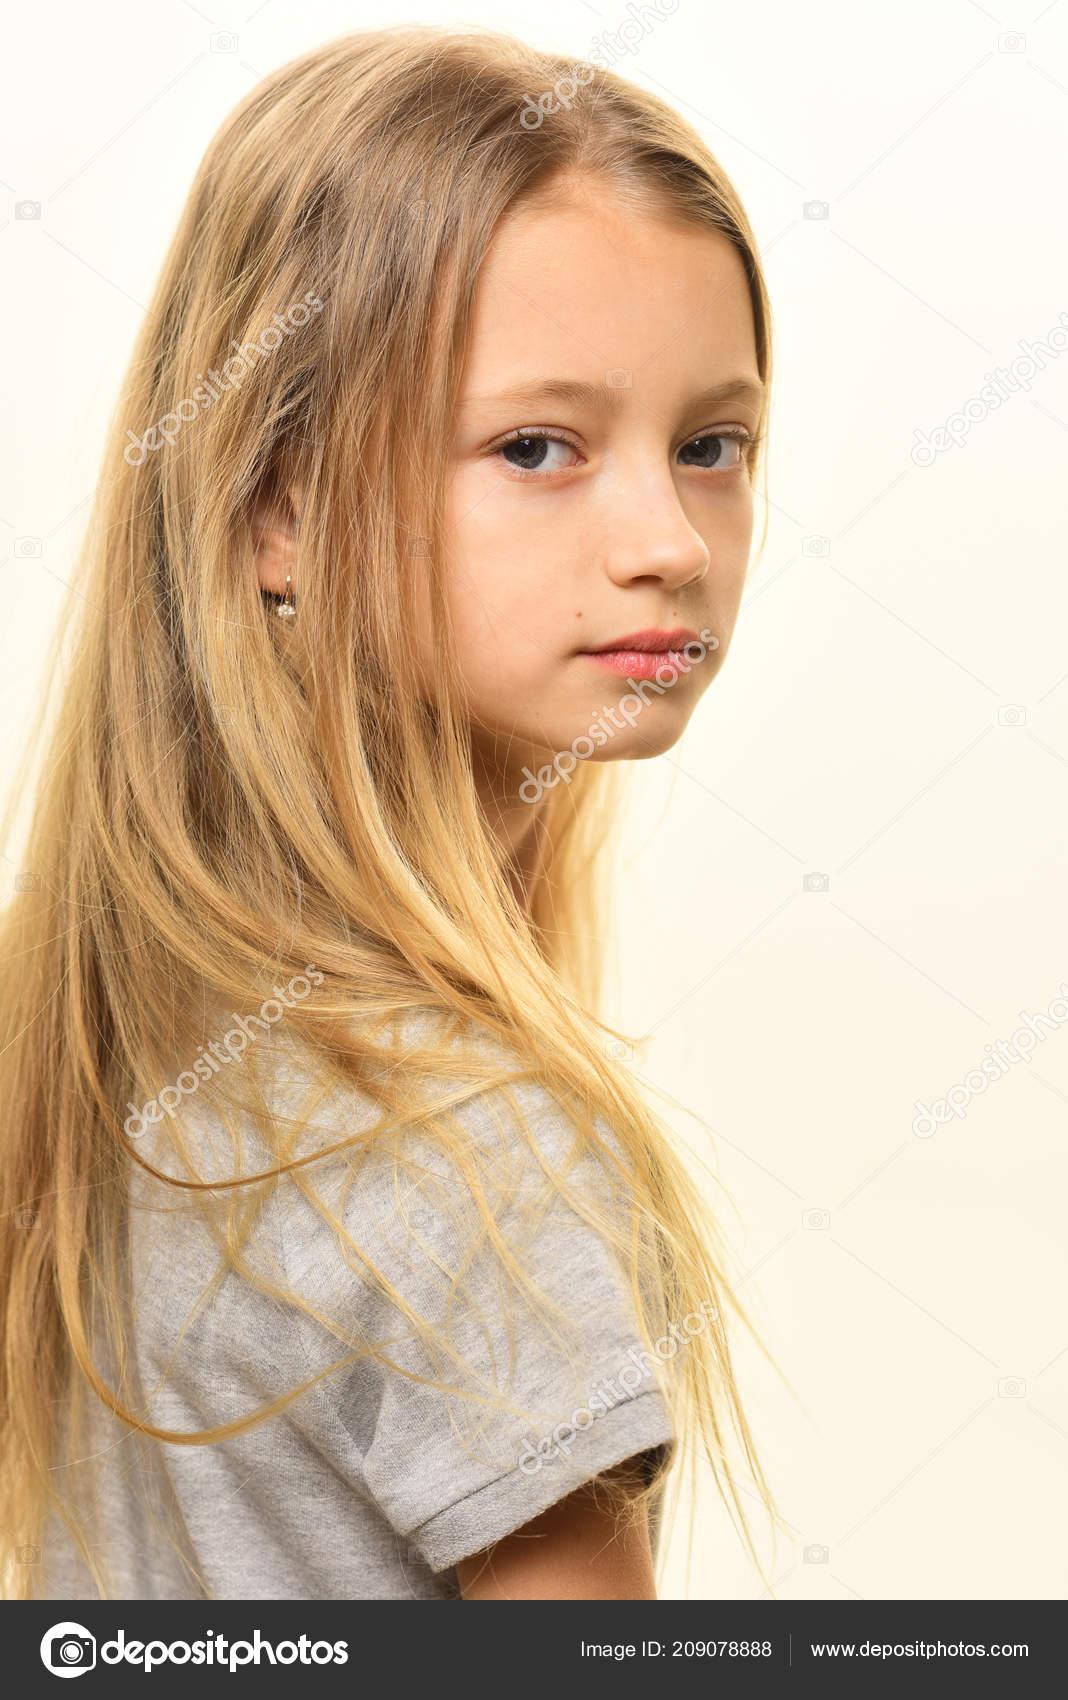 Haarschnitt Modische Frisur Fur Kleine Madchen Blonden Haarschnitt